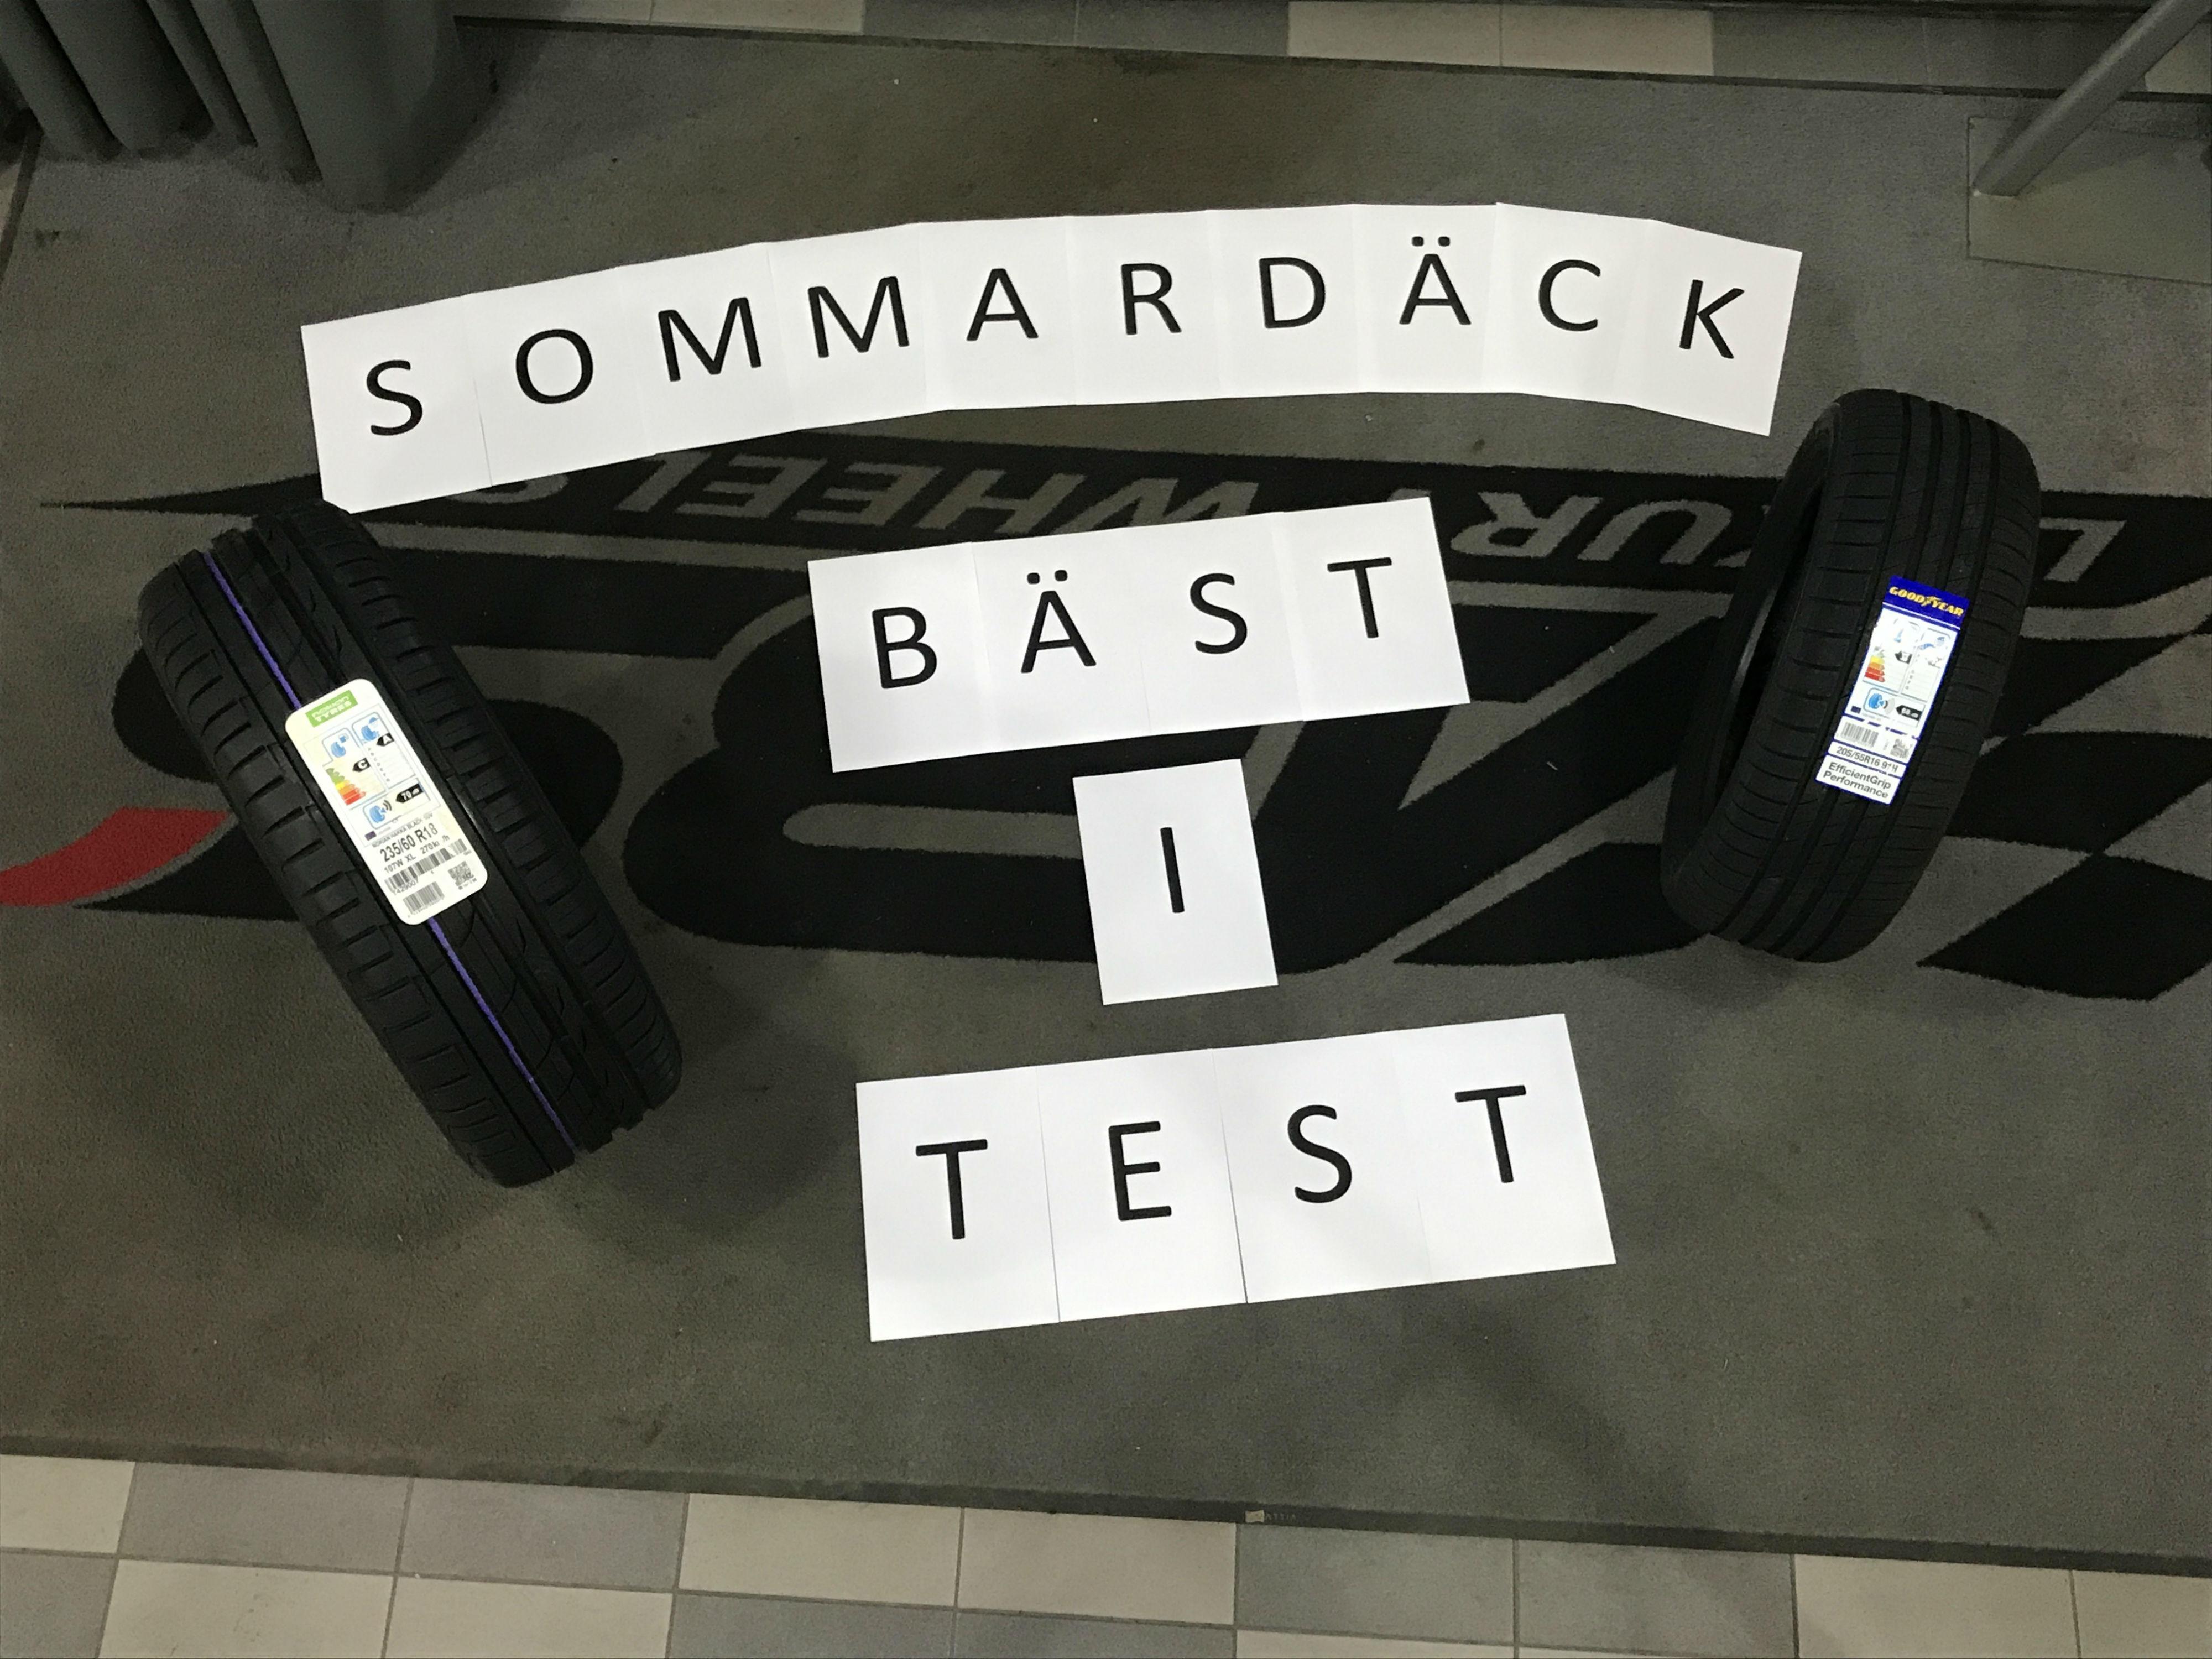 Sommardäck bäst i test exklusiv lista från 2014 2018 ABS Wheels